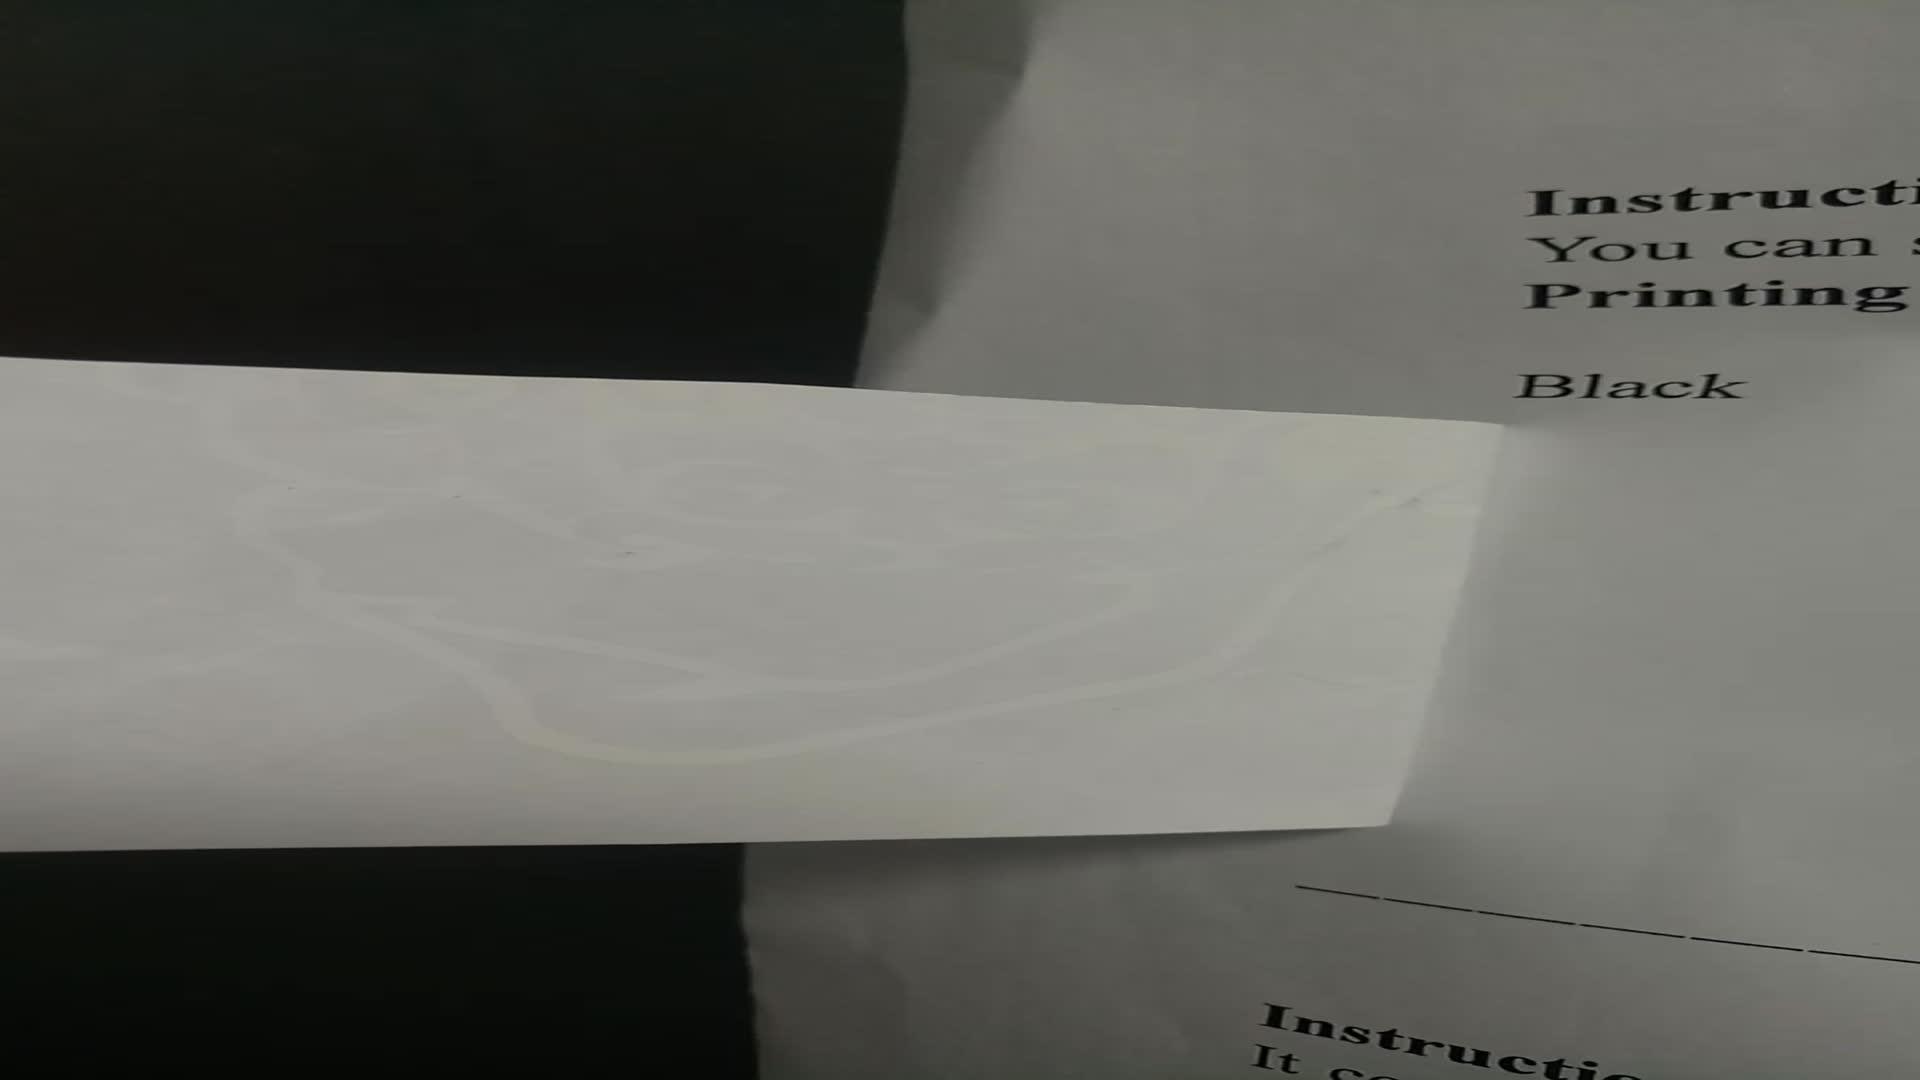 स्क्रीन और ऑफसेट प्रिंटिंग मुद्रण सफेद वॉटरमार्क स्याही hotsale